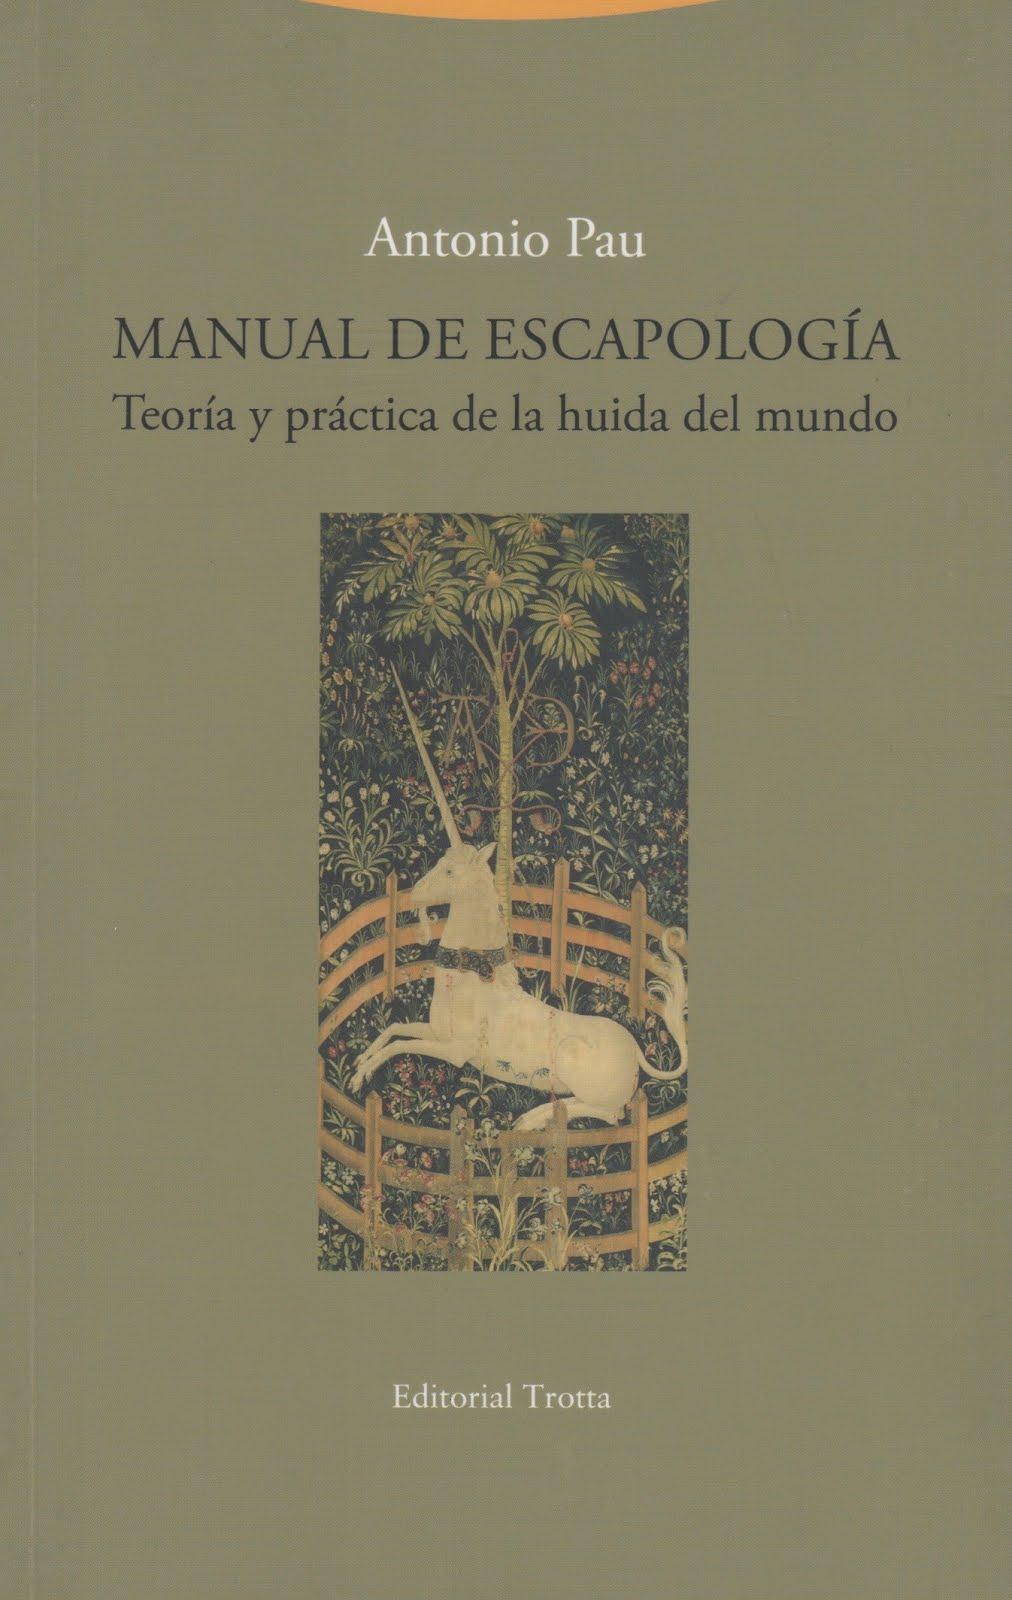 Antonio Pau (Manual de escapología) Teoría y practica de la huida del mundo